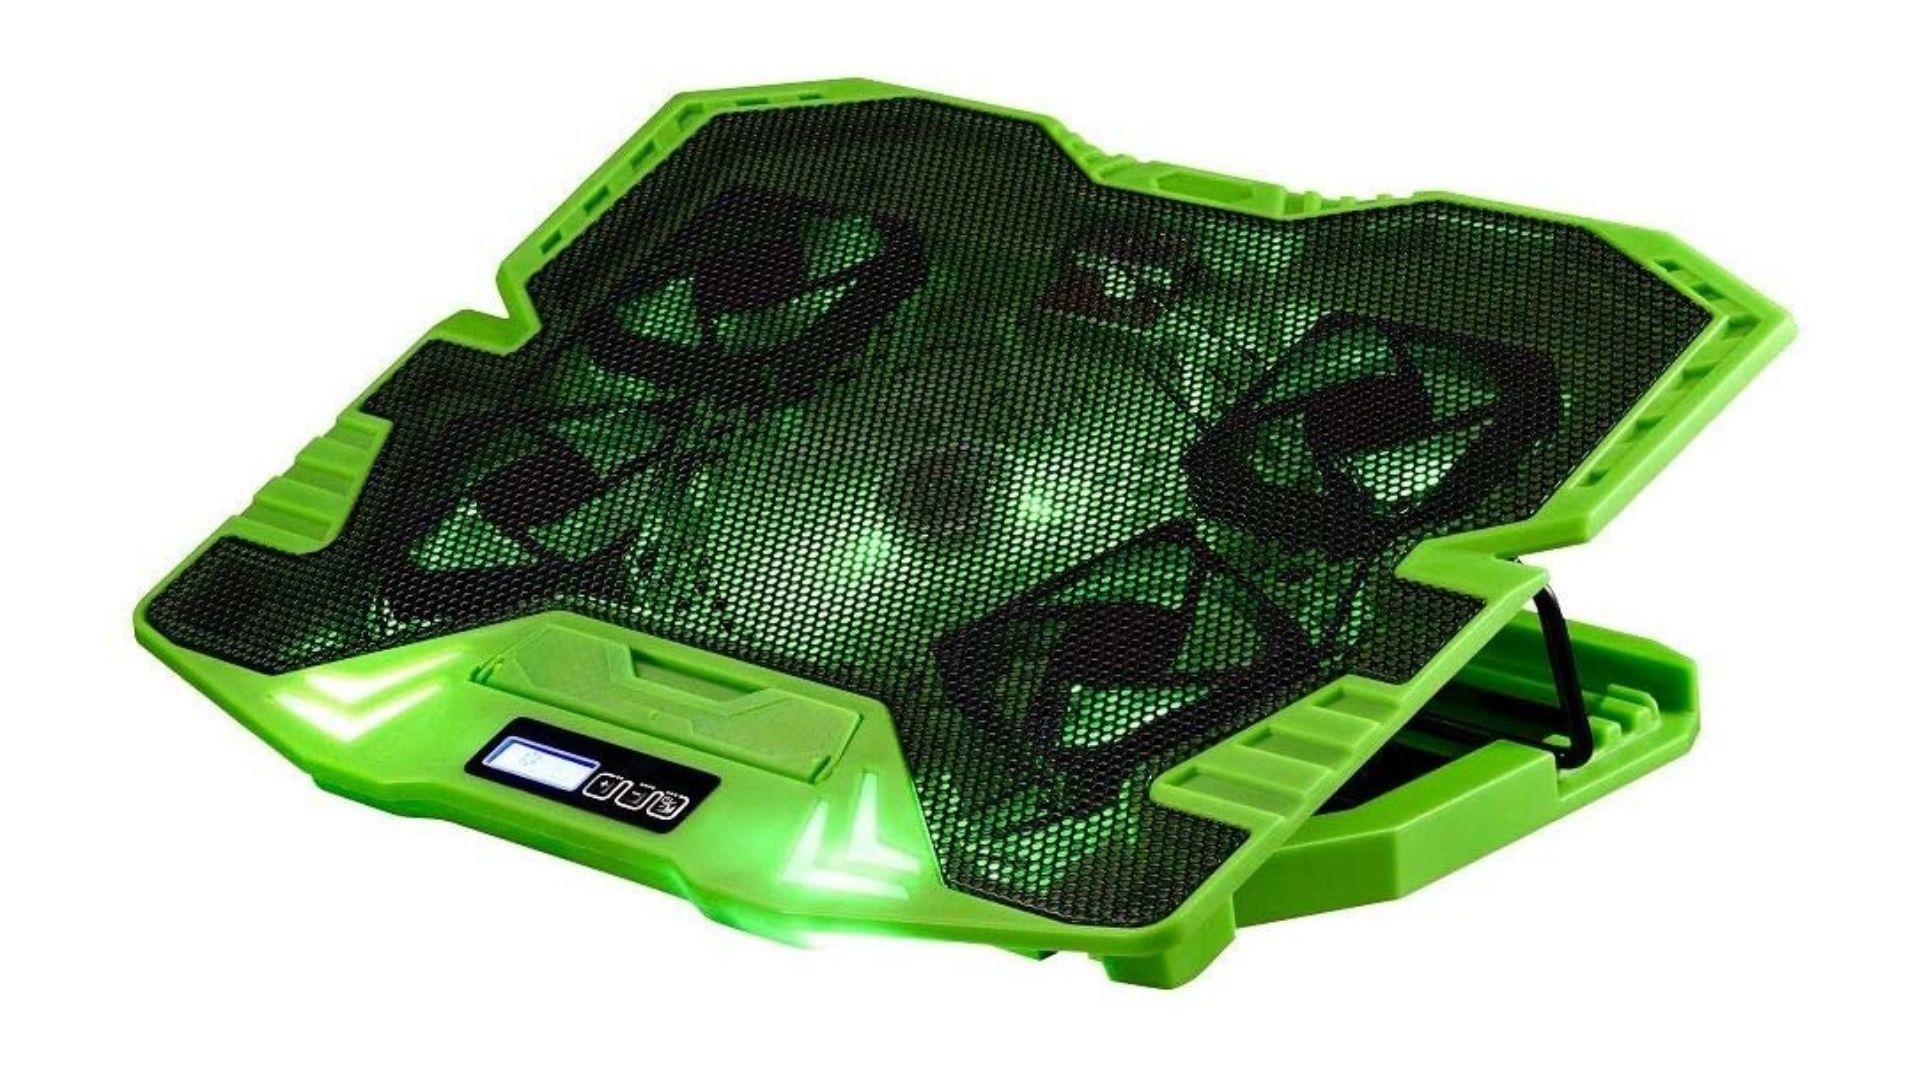 Warrior AC267 é um cooler para notebook potente (Foto: Divulgação/Warrior)